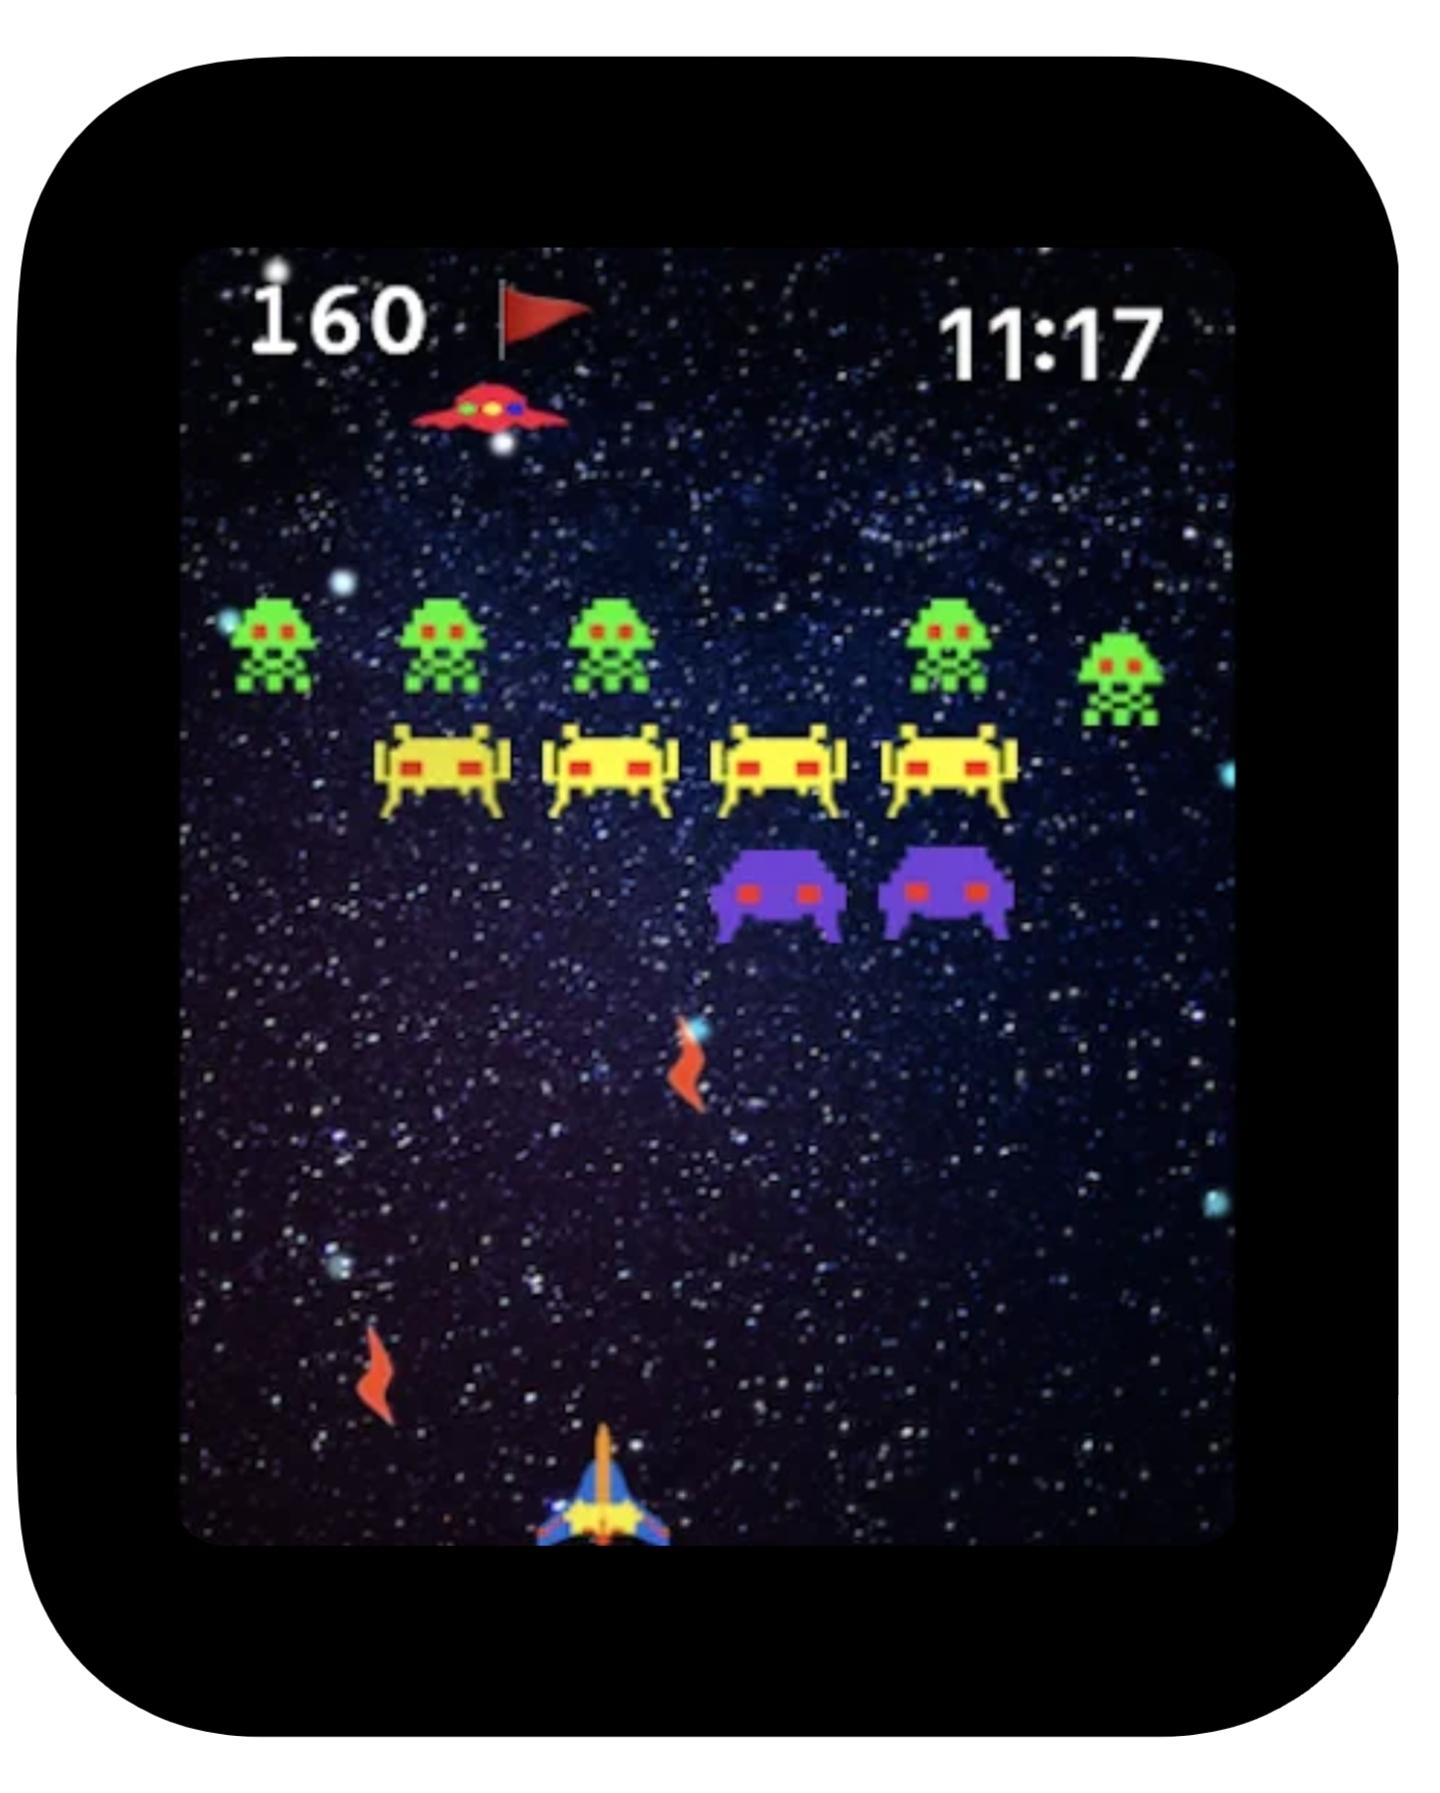 """iOS derzeit Spiel """"Galaxia 4"""" (ähnlich wie """"Space Invaders"""") gratis anstatt 0,99 Euro Cent"""